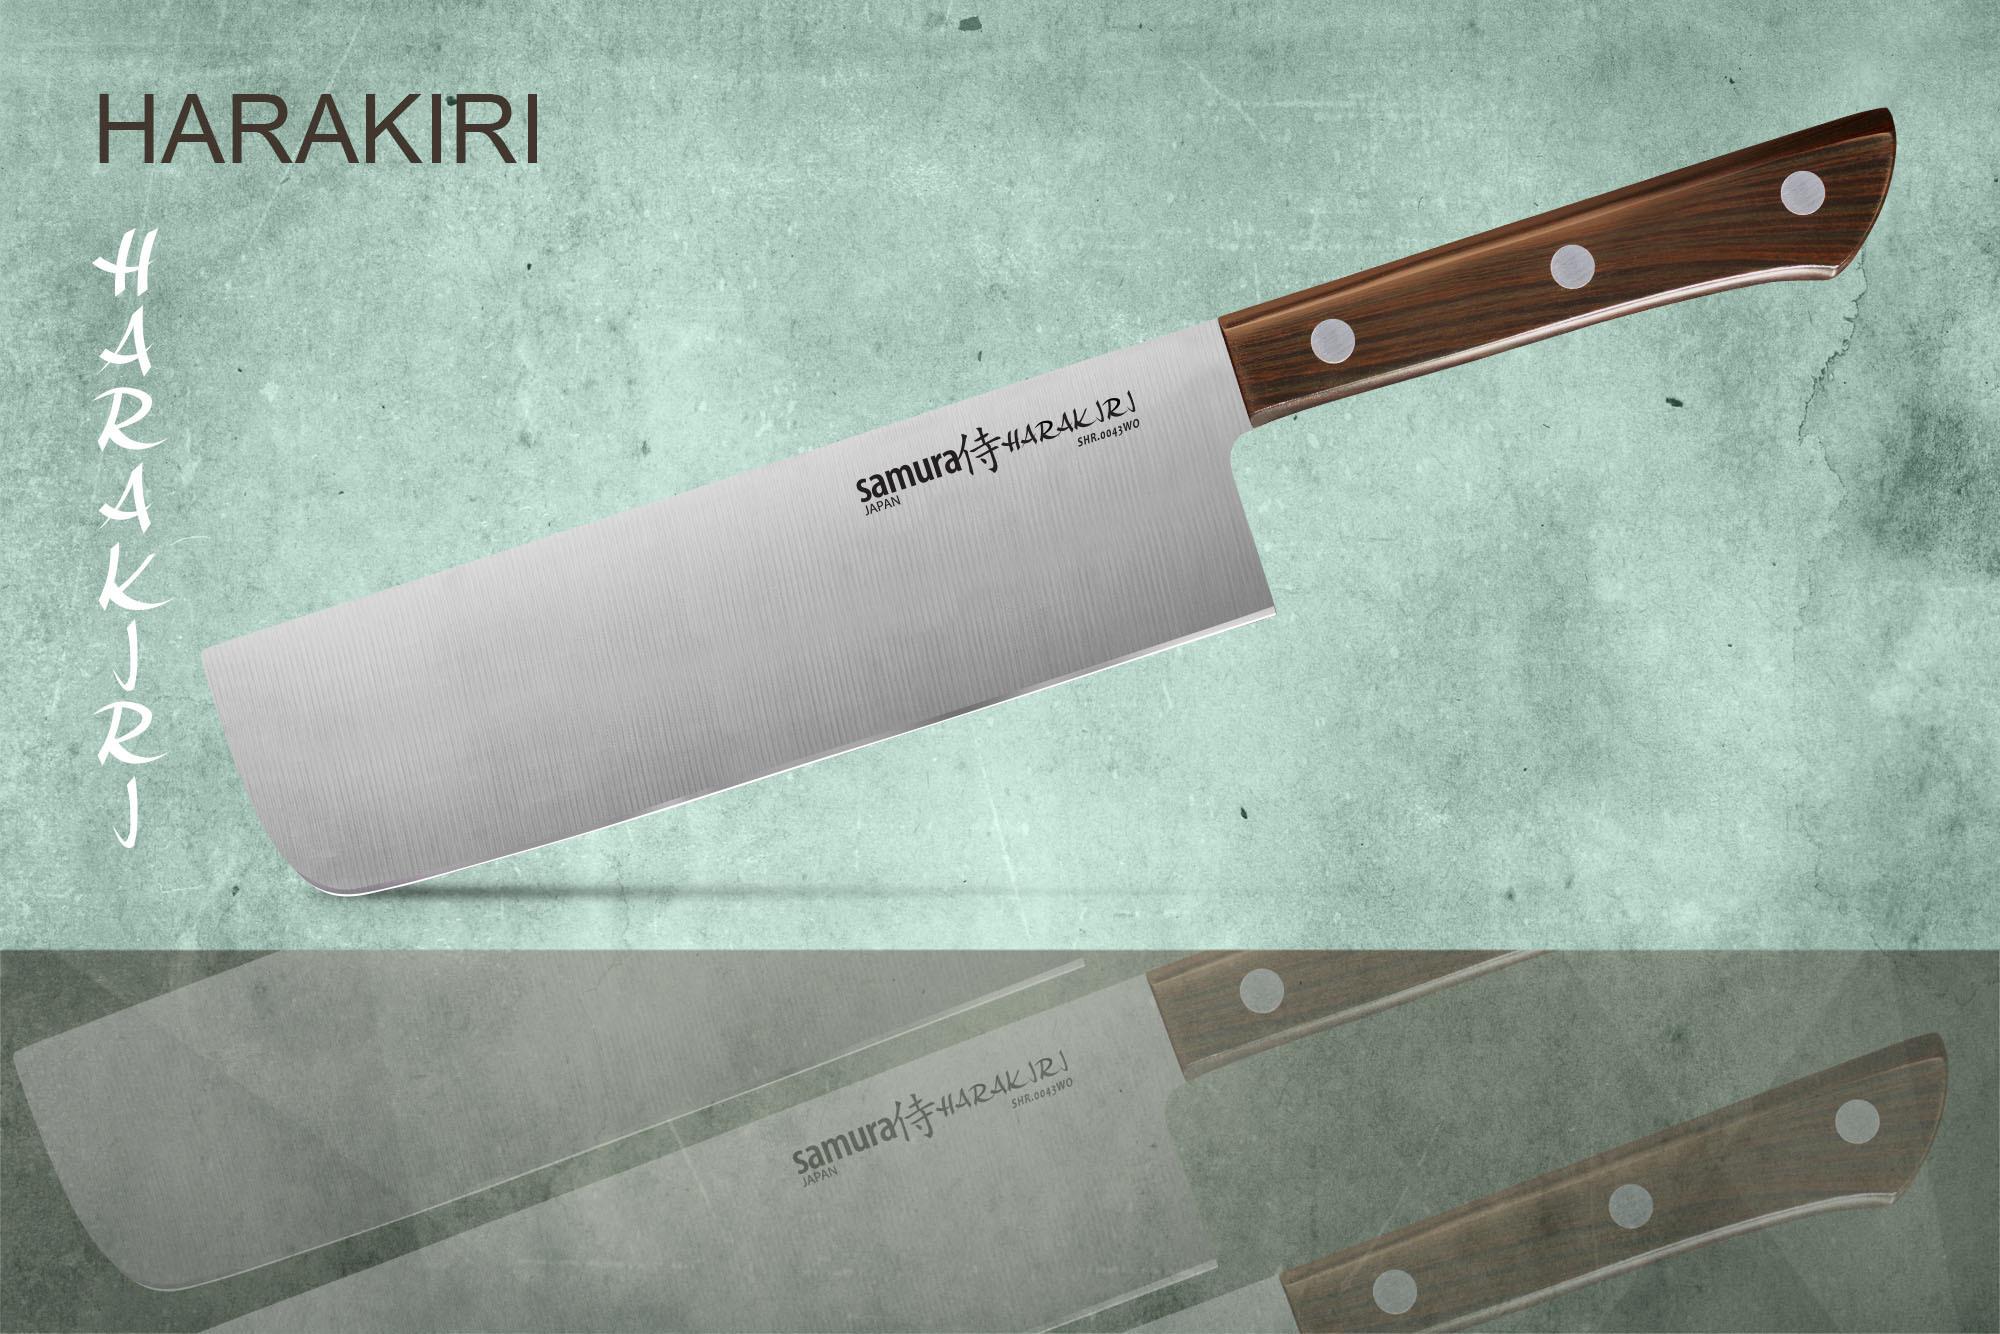 Фото 8 - Нож кухонный Накири Samura